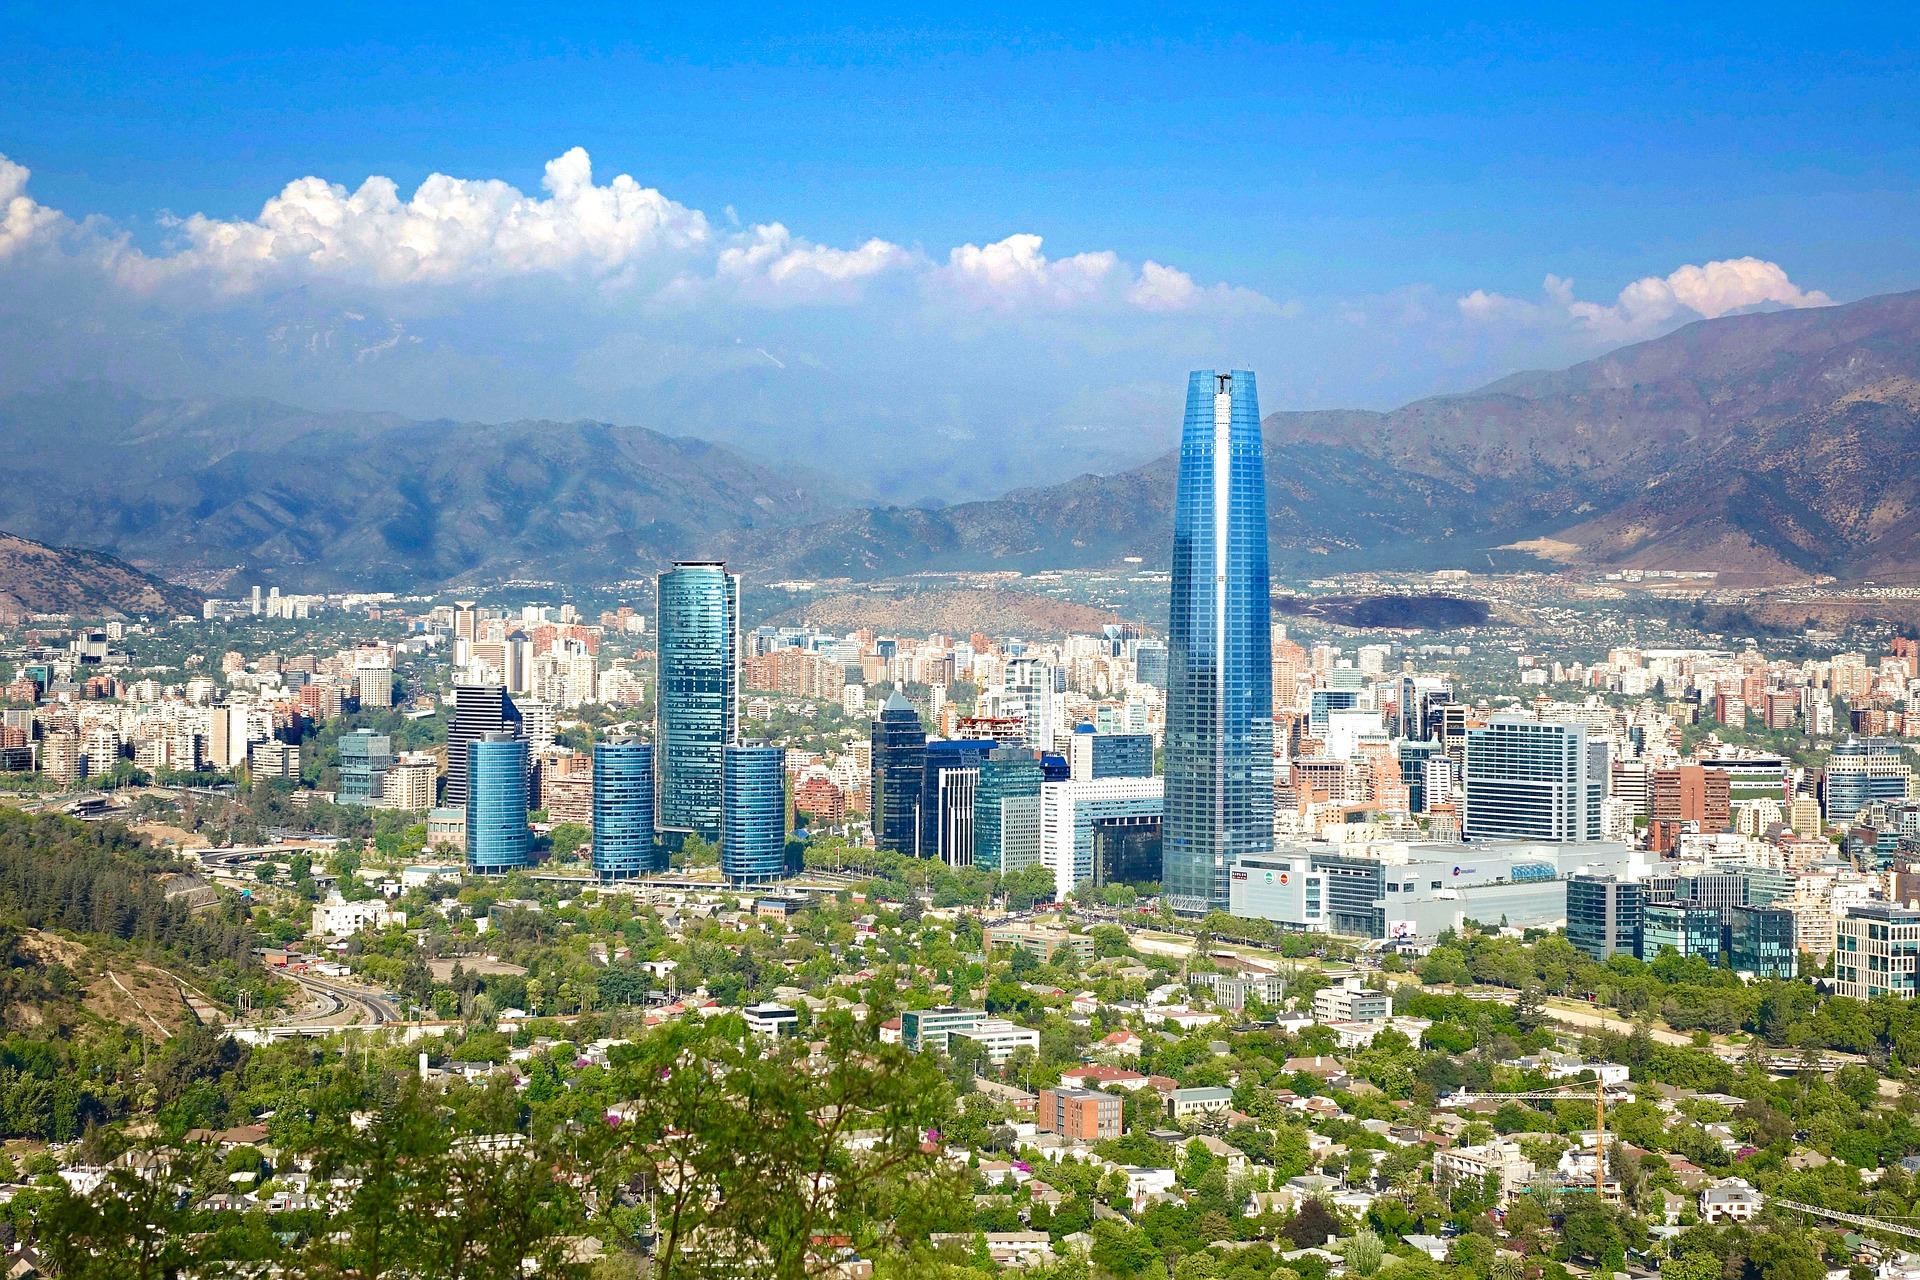 16. Mednarodna konferenca o okoljski, kulturni, ekonomski in socialni trajnosti v Čilu